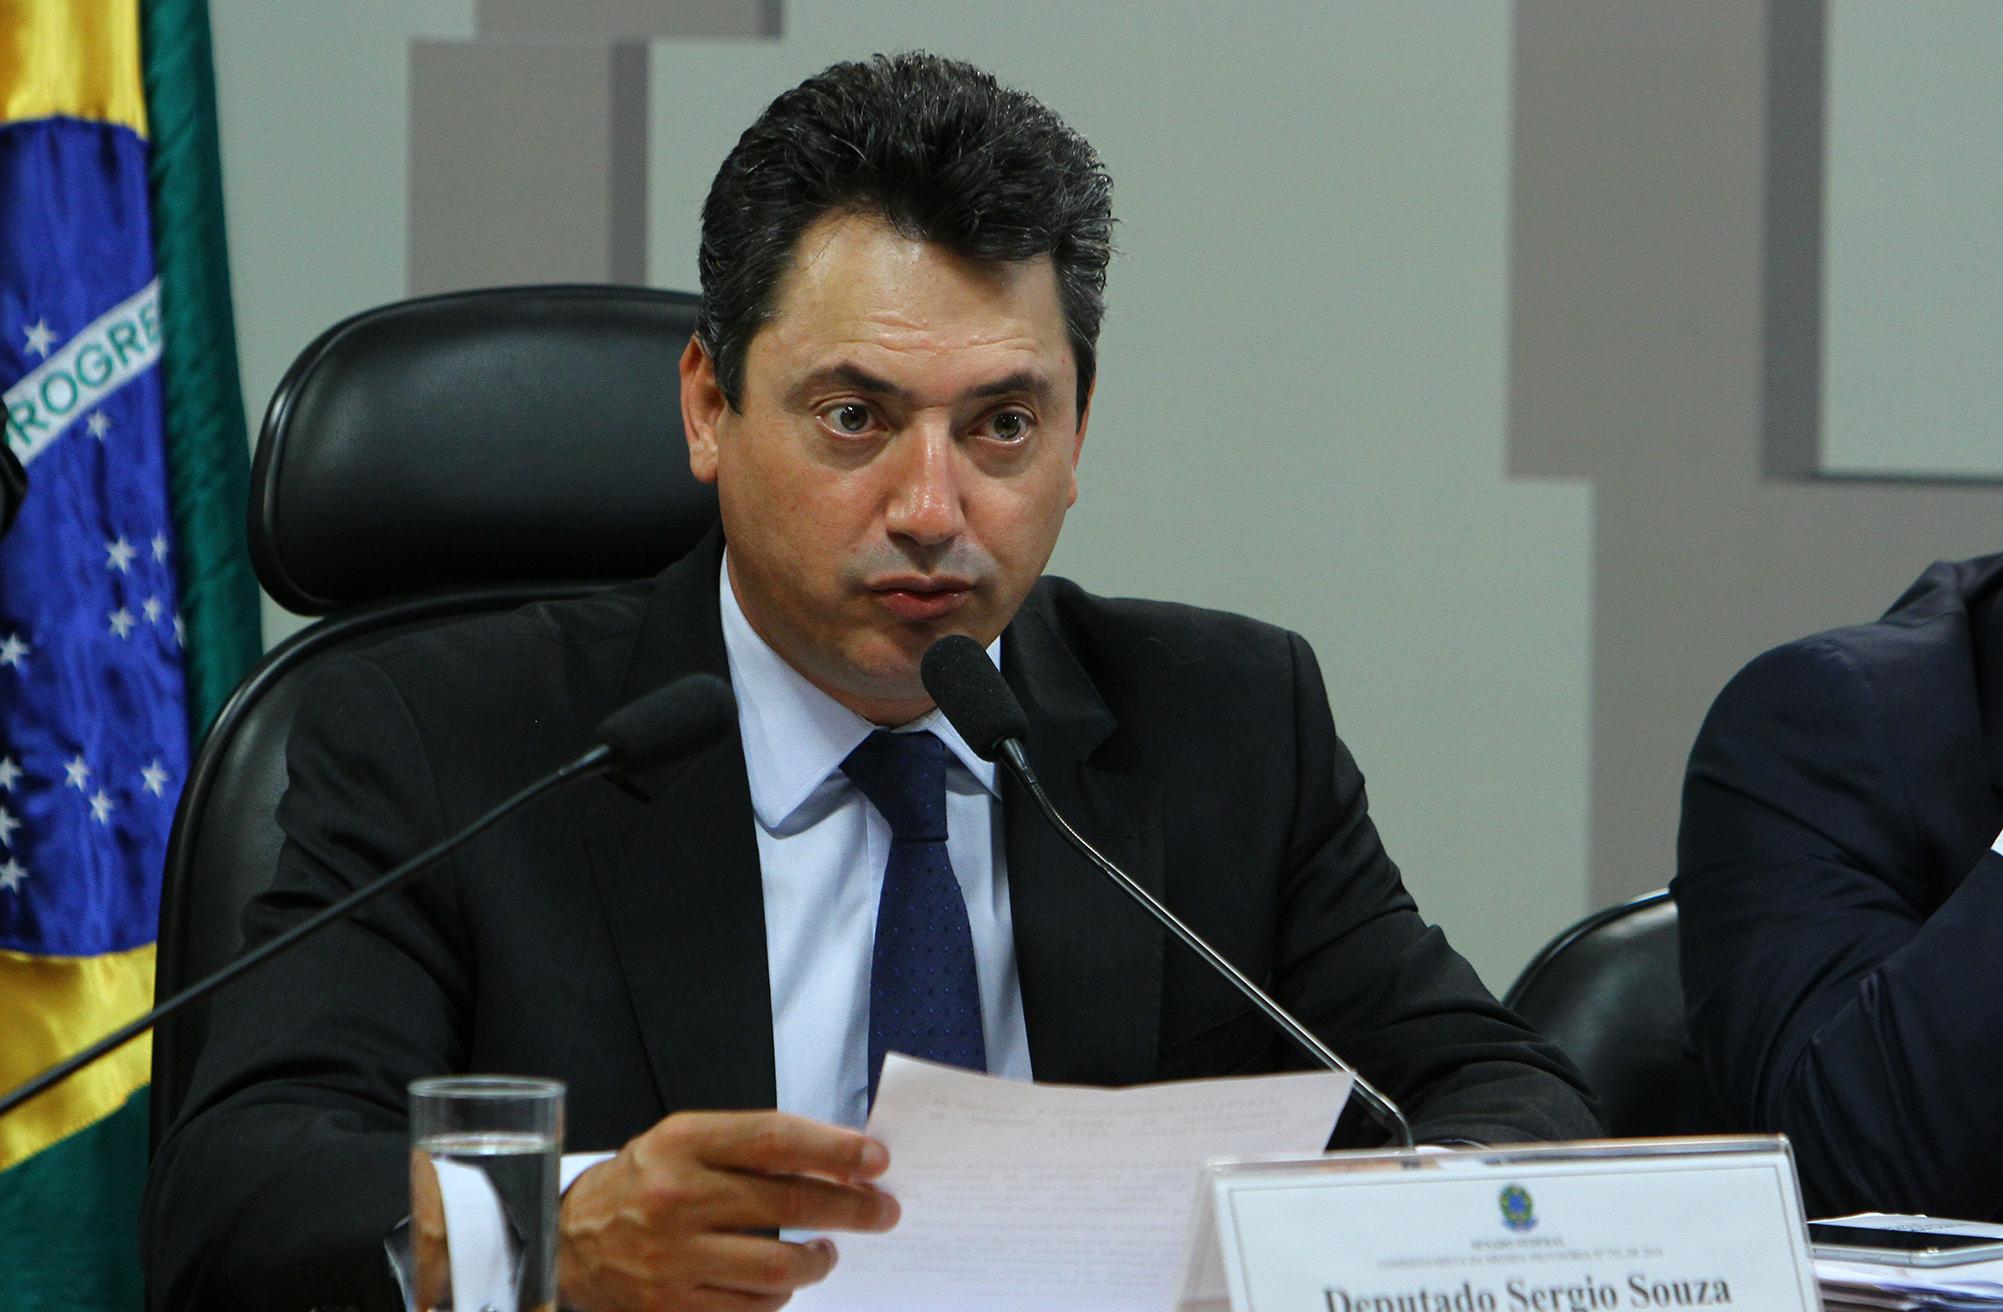 Audiência pública da Comissão Mista sobre a MP 752/16, que autoriza a prorrogação e a relicitação de contratos de parceria nos setores rodoviário, ferroviário e aeroportuário. Dep. Sérgio Souza (PMDB-PR)